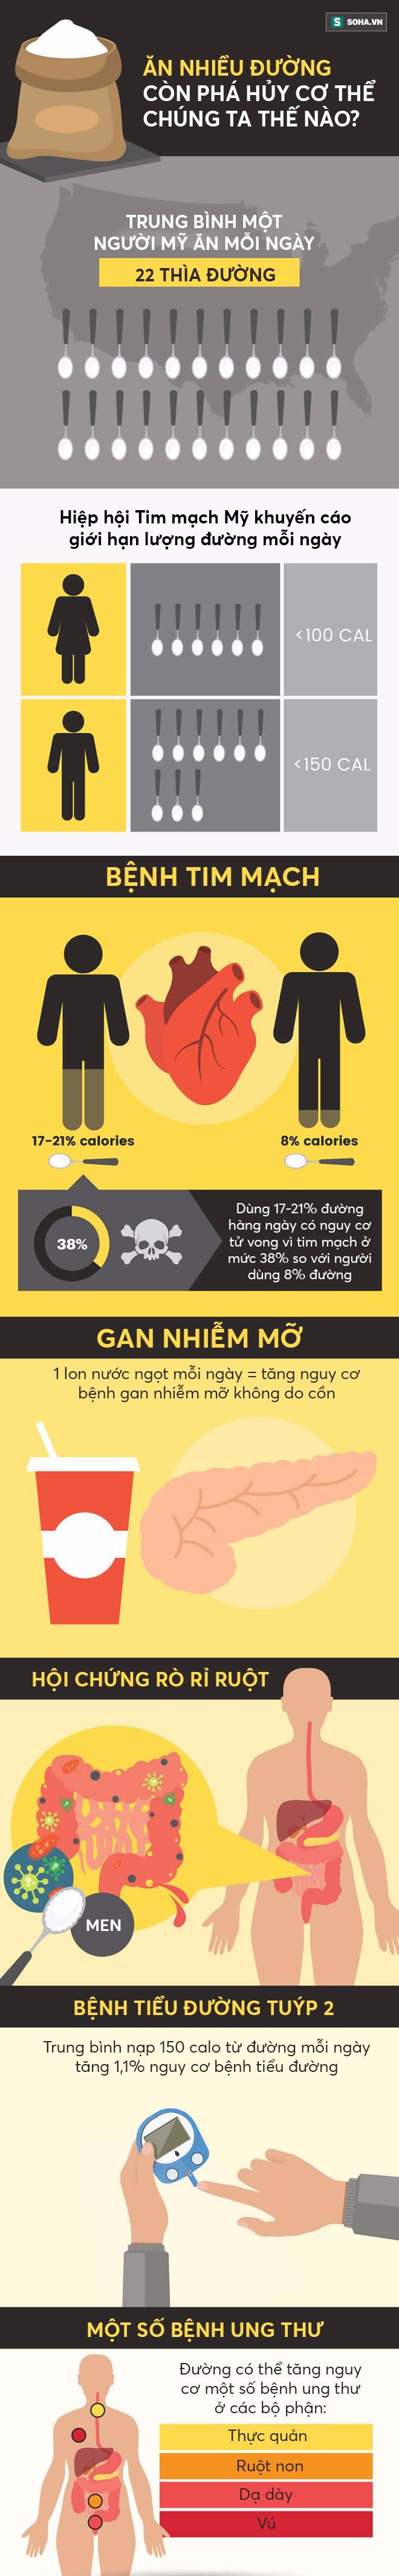 Không chỉ đánh thức tế bào ung thư, đồ ngọt còn gây ra 4 bệnh cực nguy hiểm - Ảnh 1.